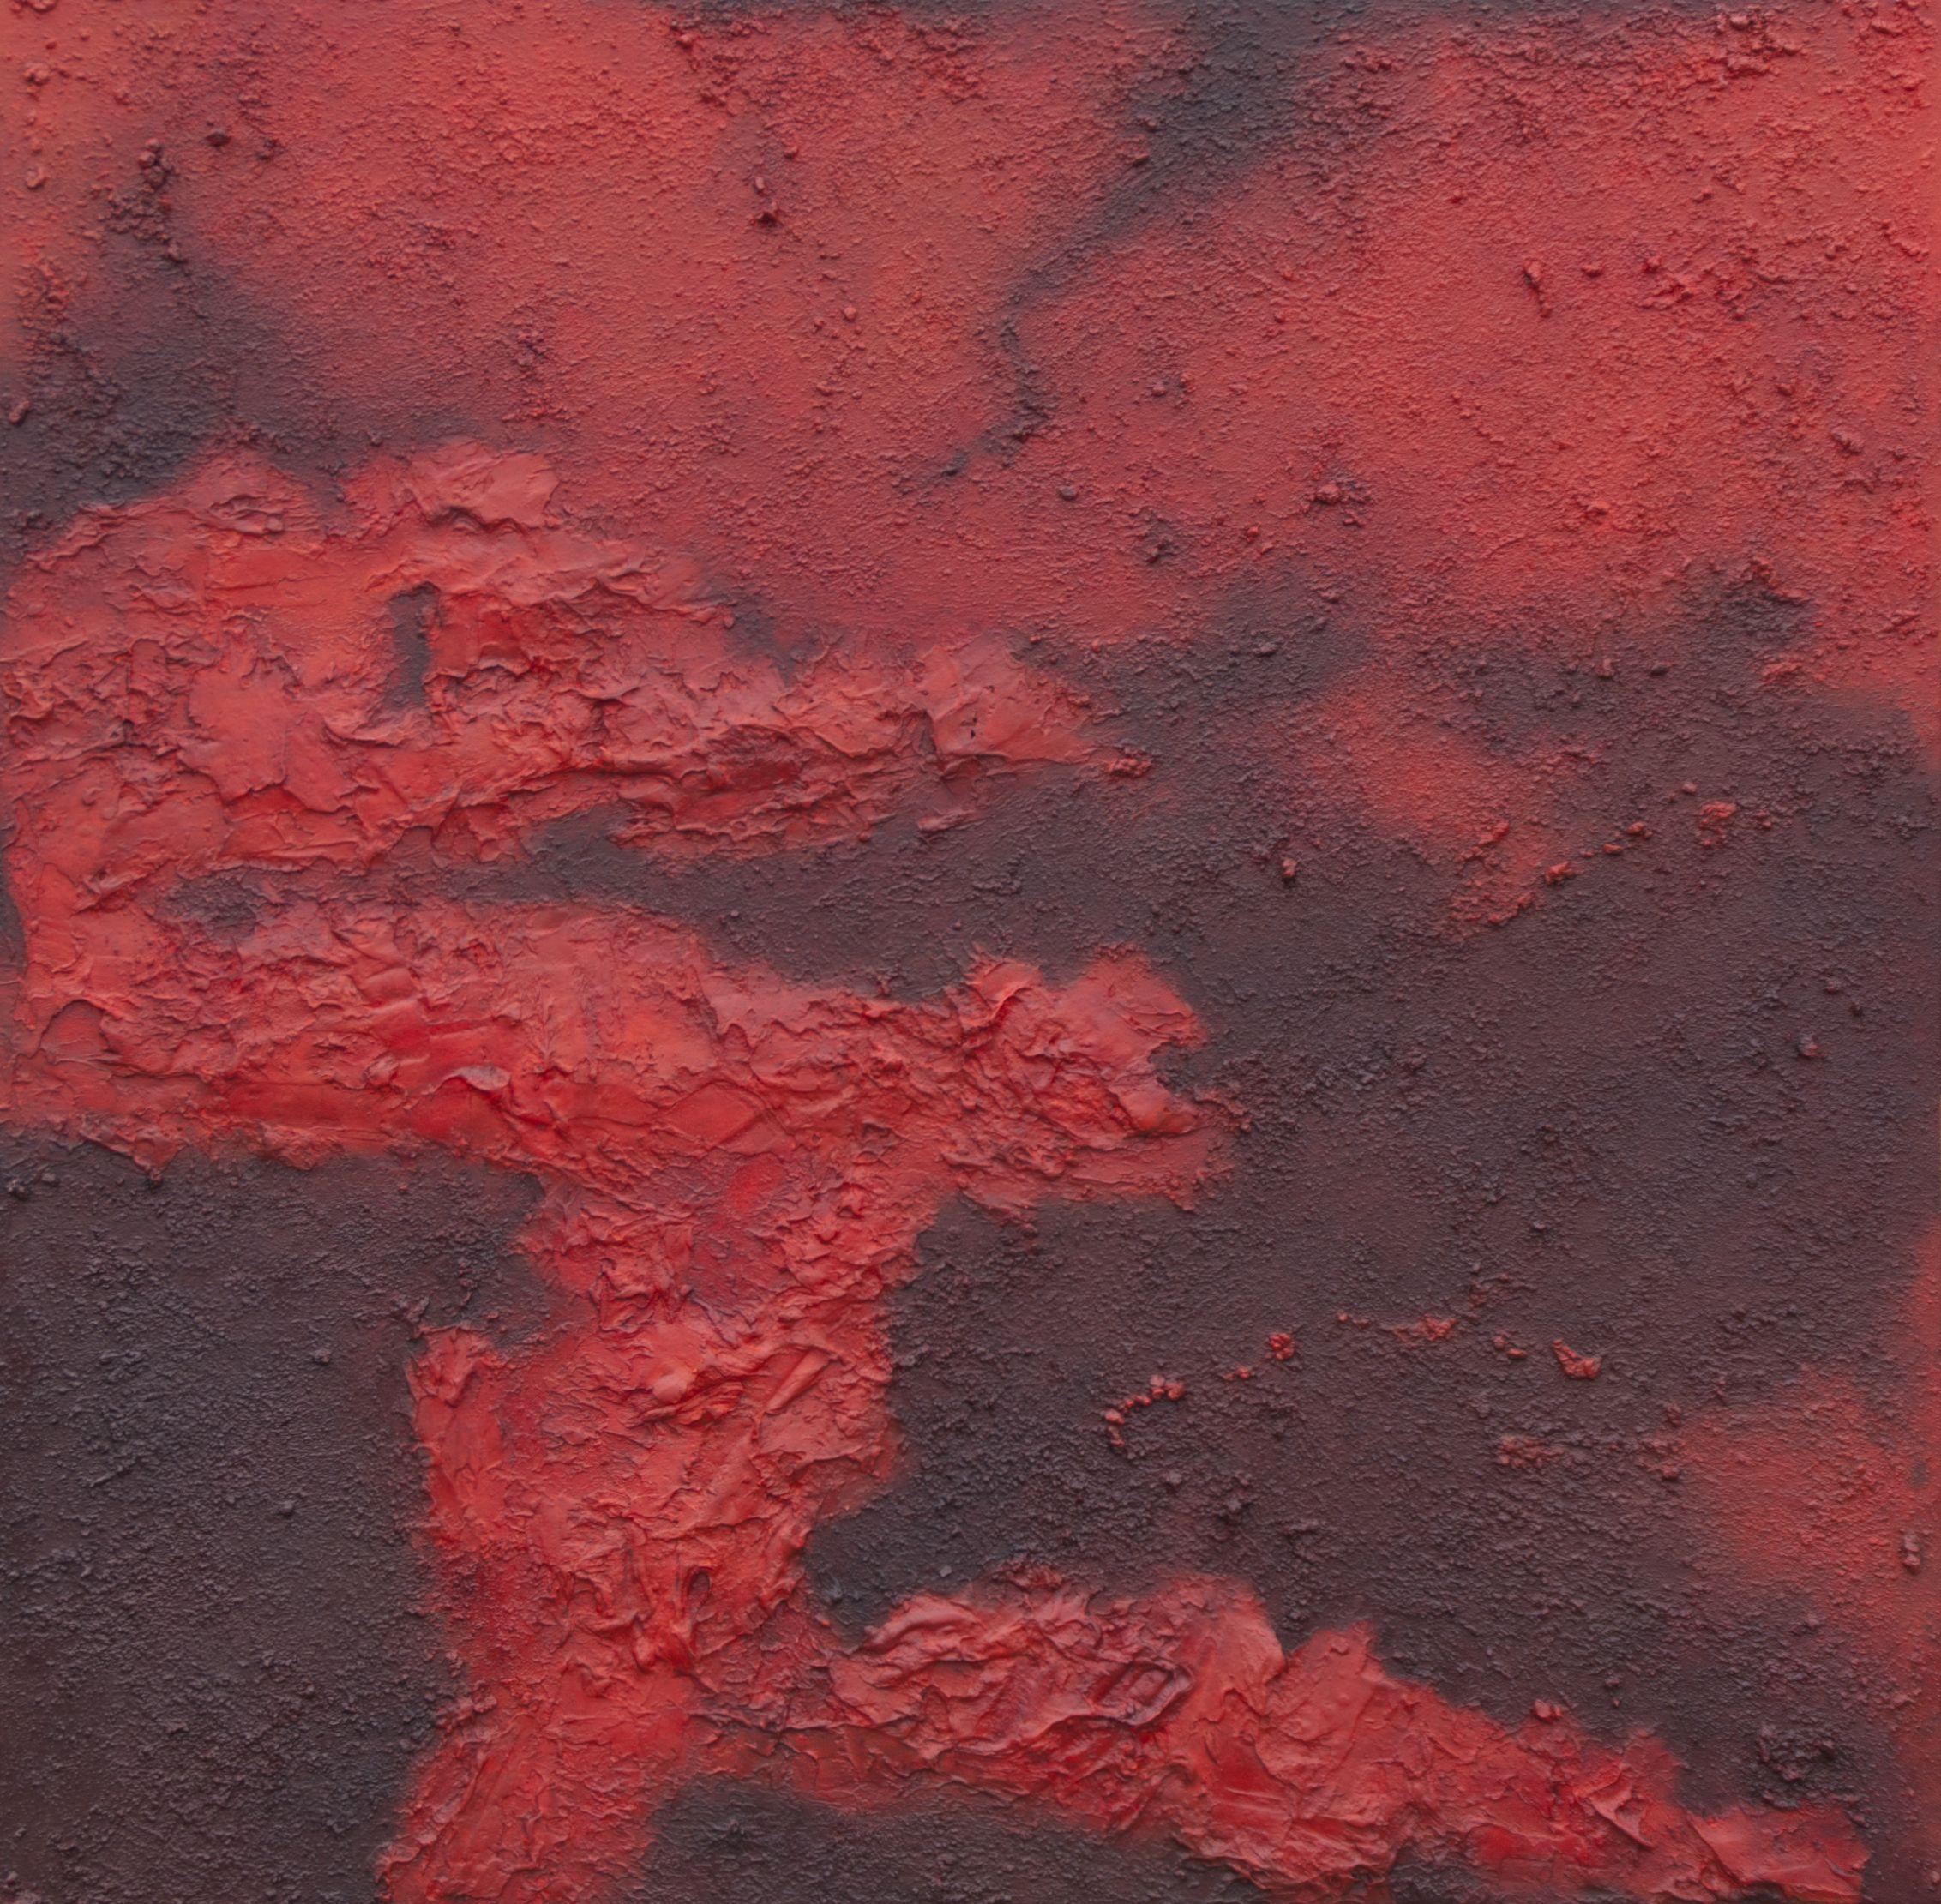 rhapsody in red 70x70